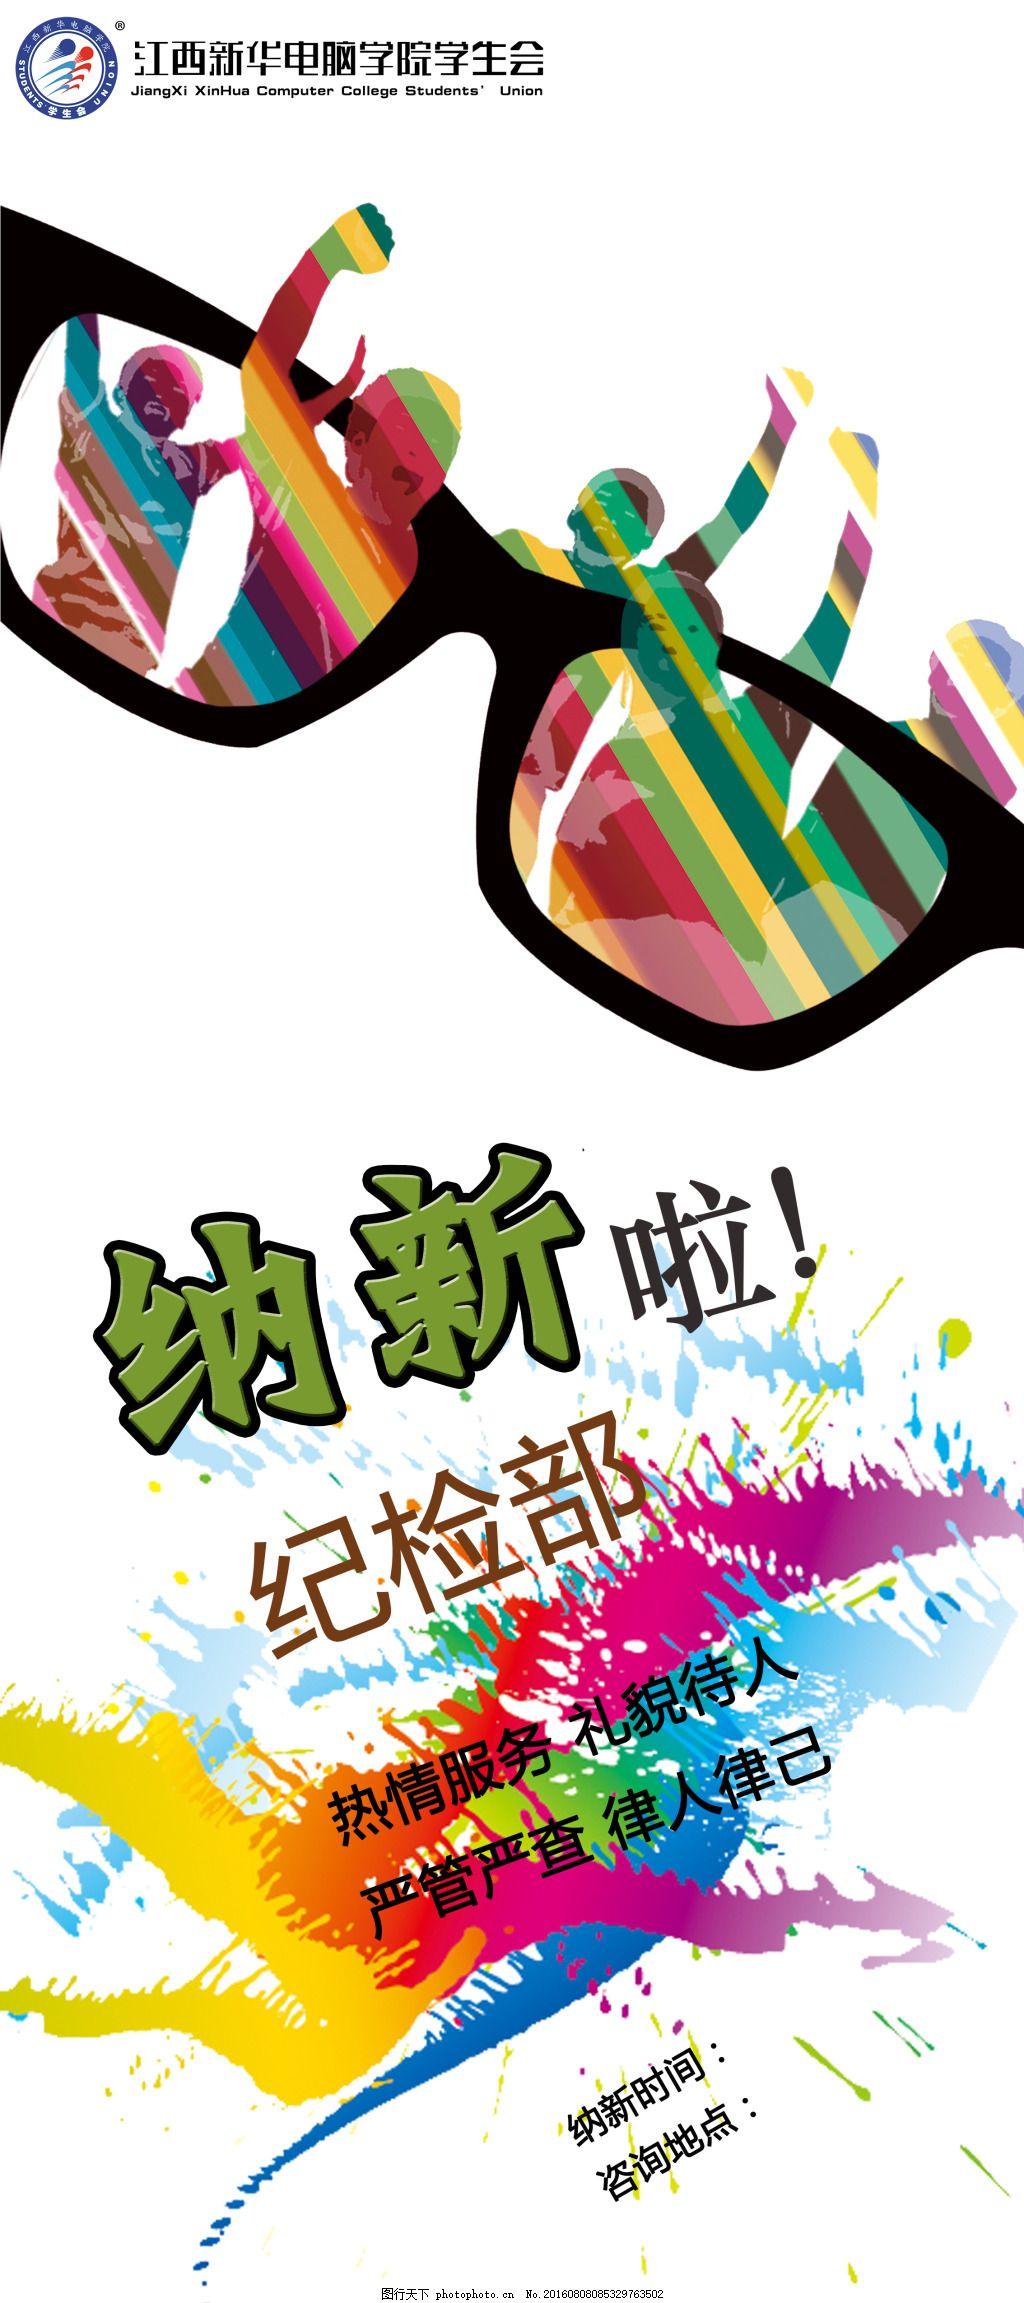 纪检部招新海报 学生会招新海报 社团纳新海报 海报原创设计 校园